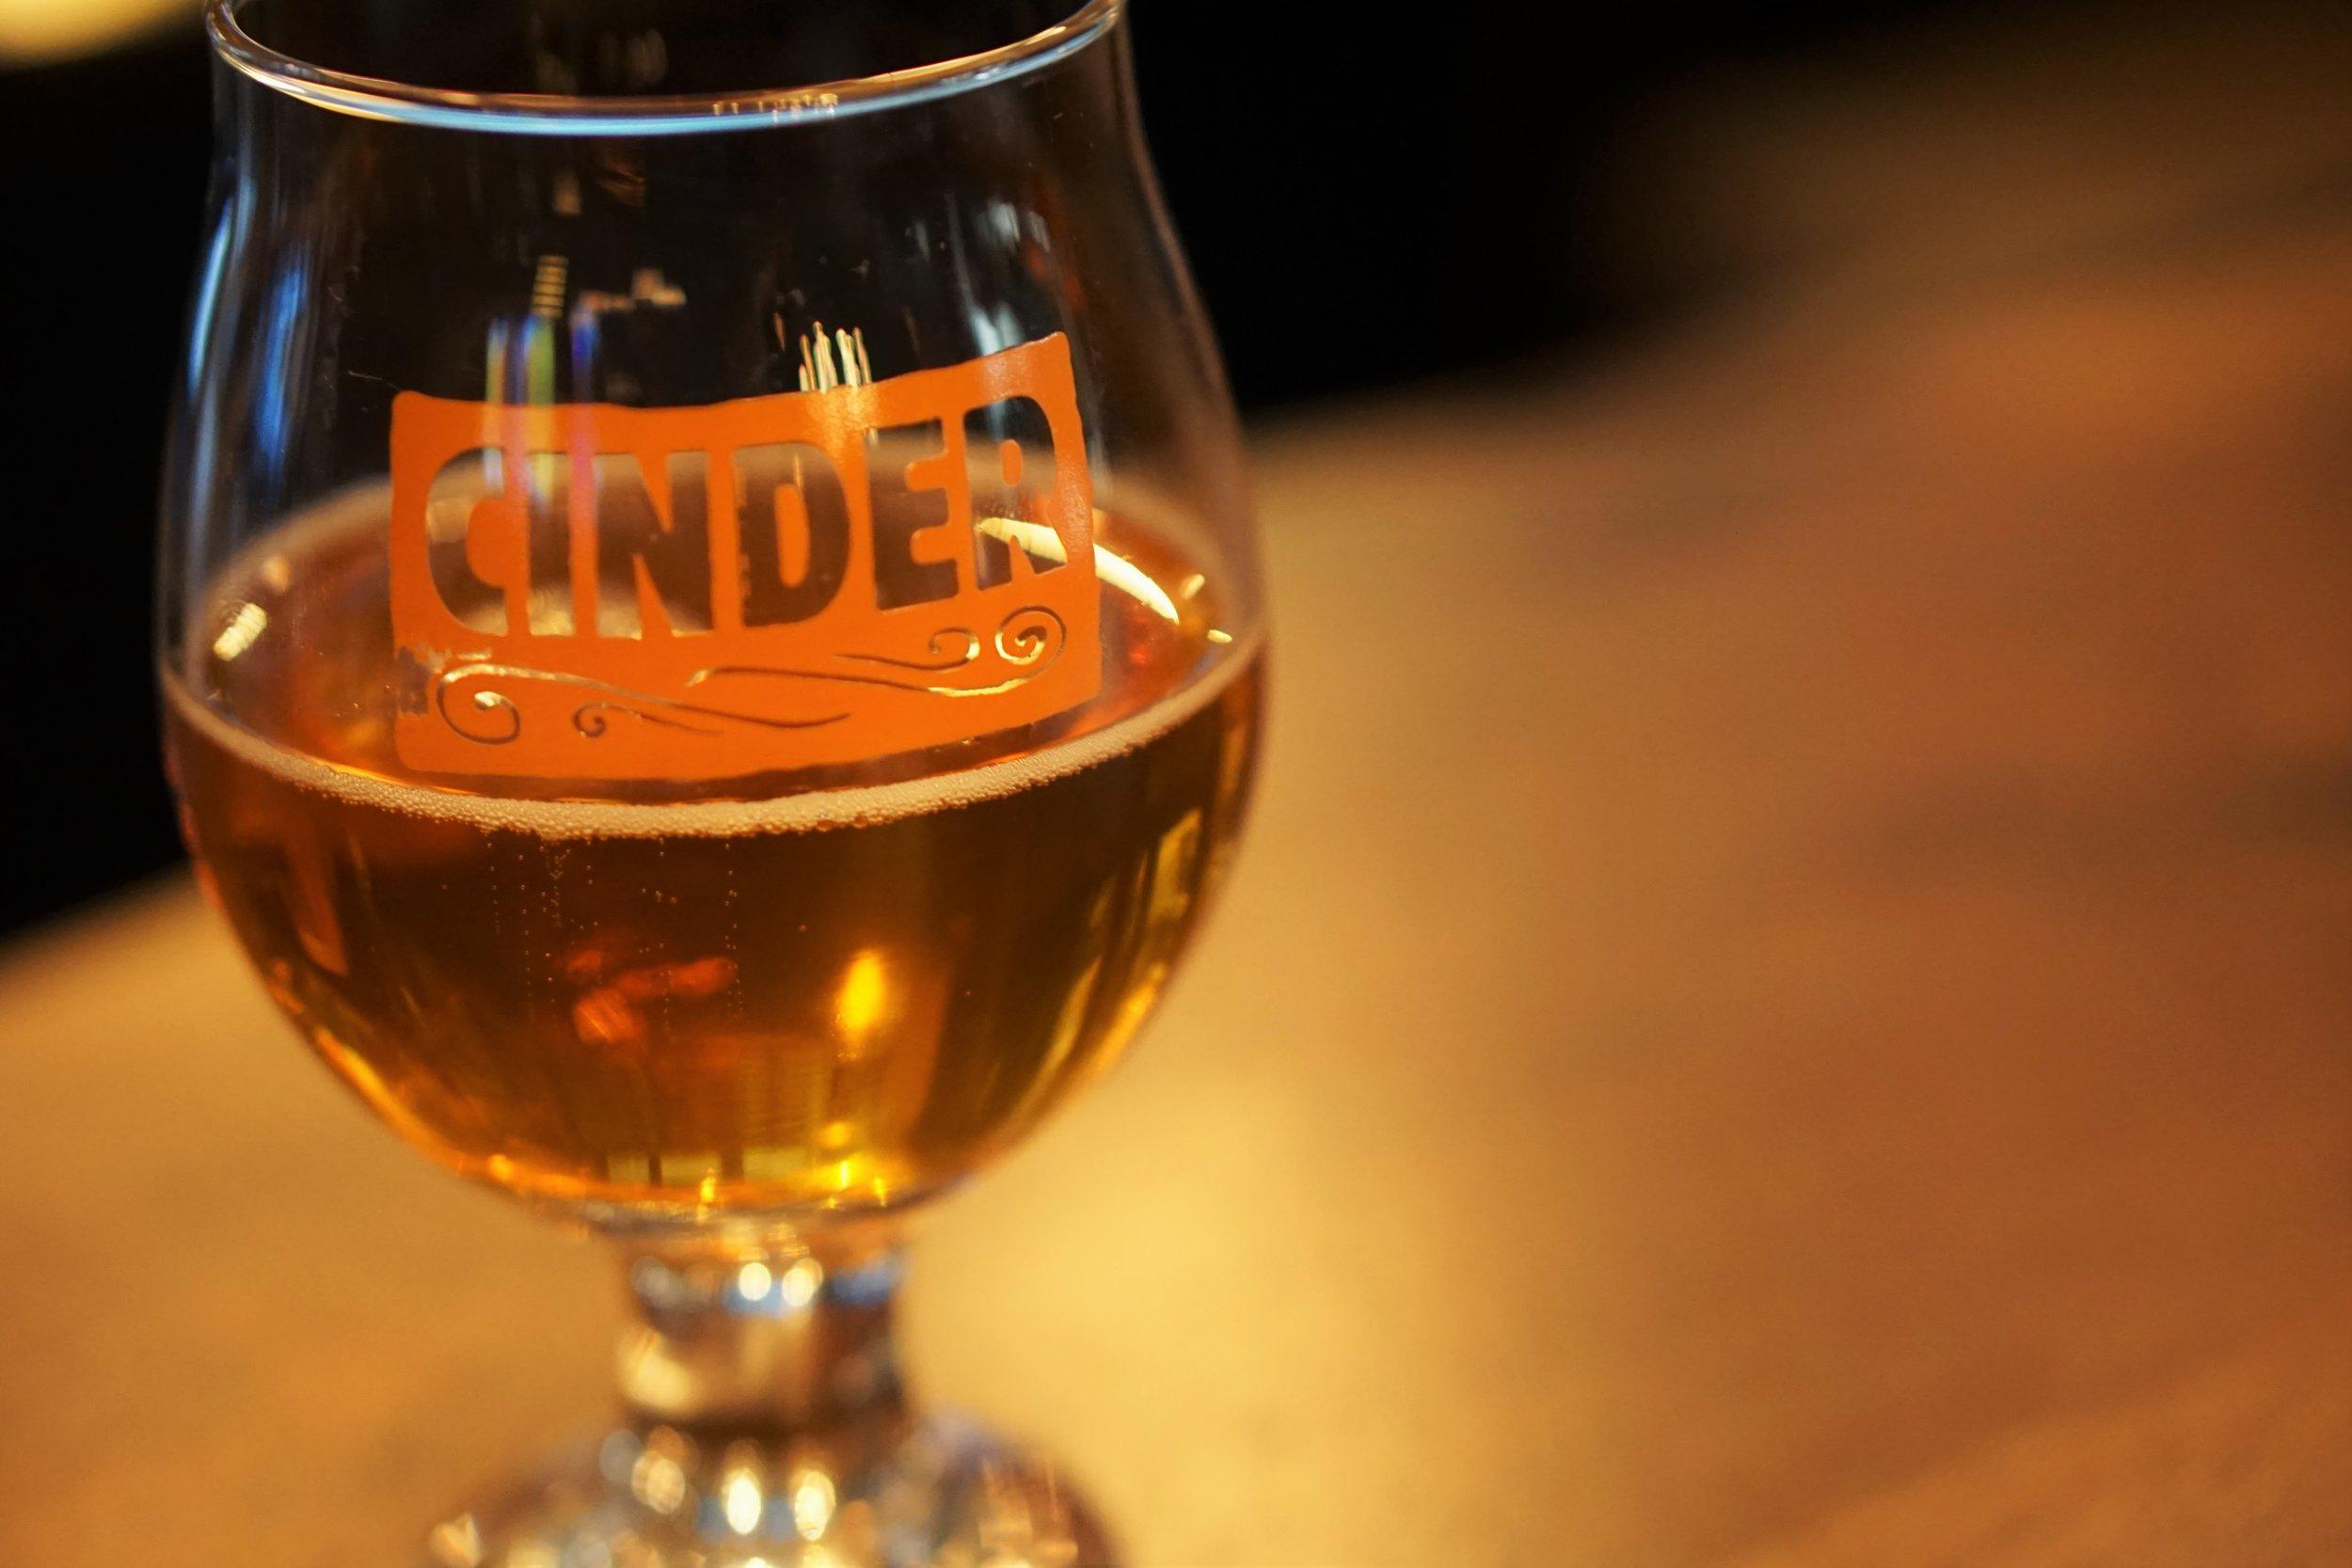 Cinder, opening, cider